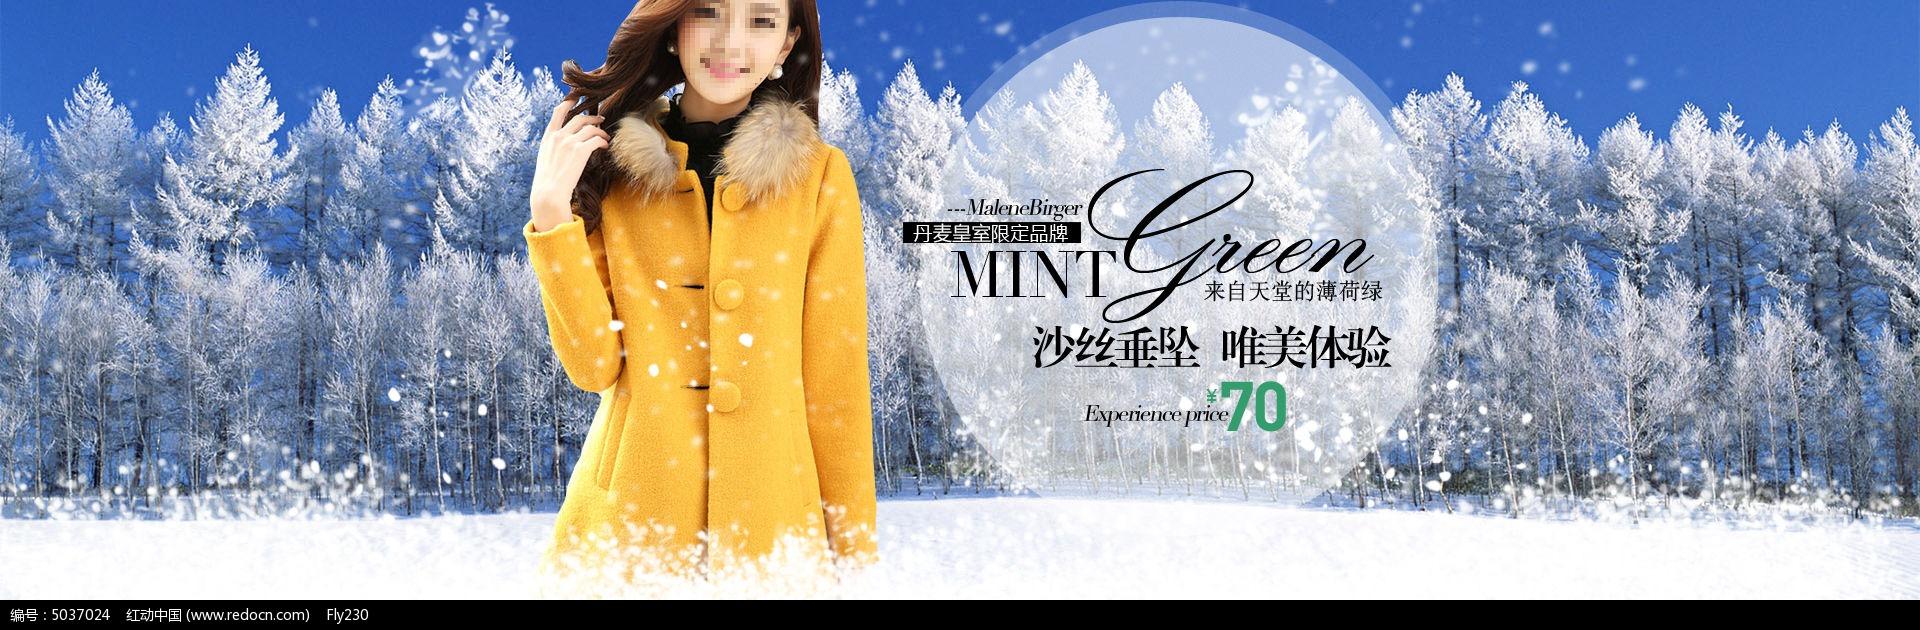 淘宝天猫冬季女装海报模板